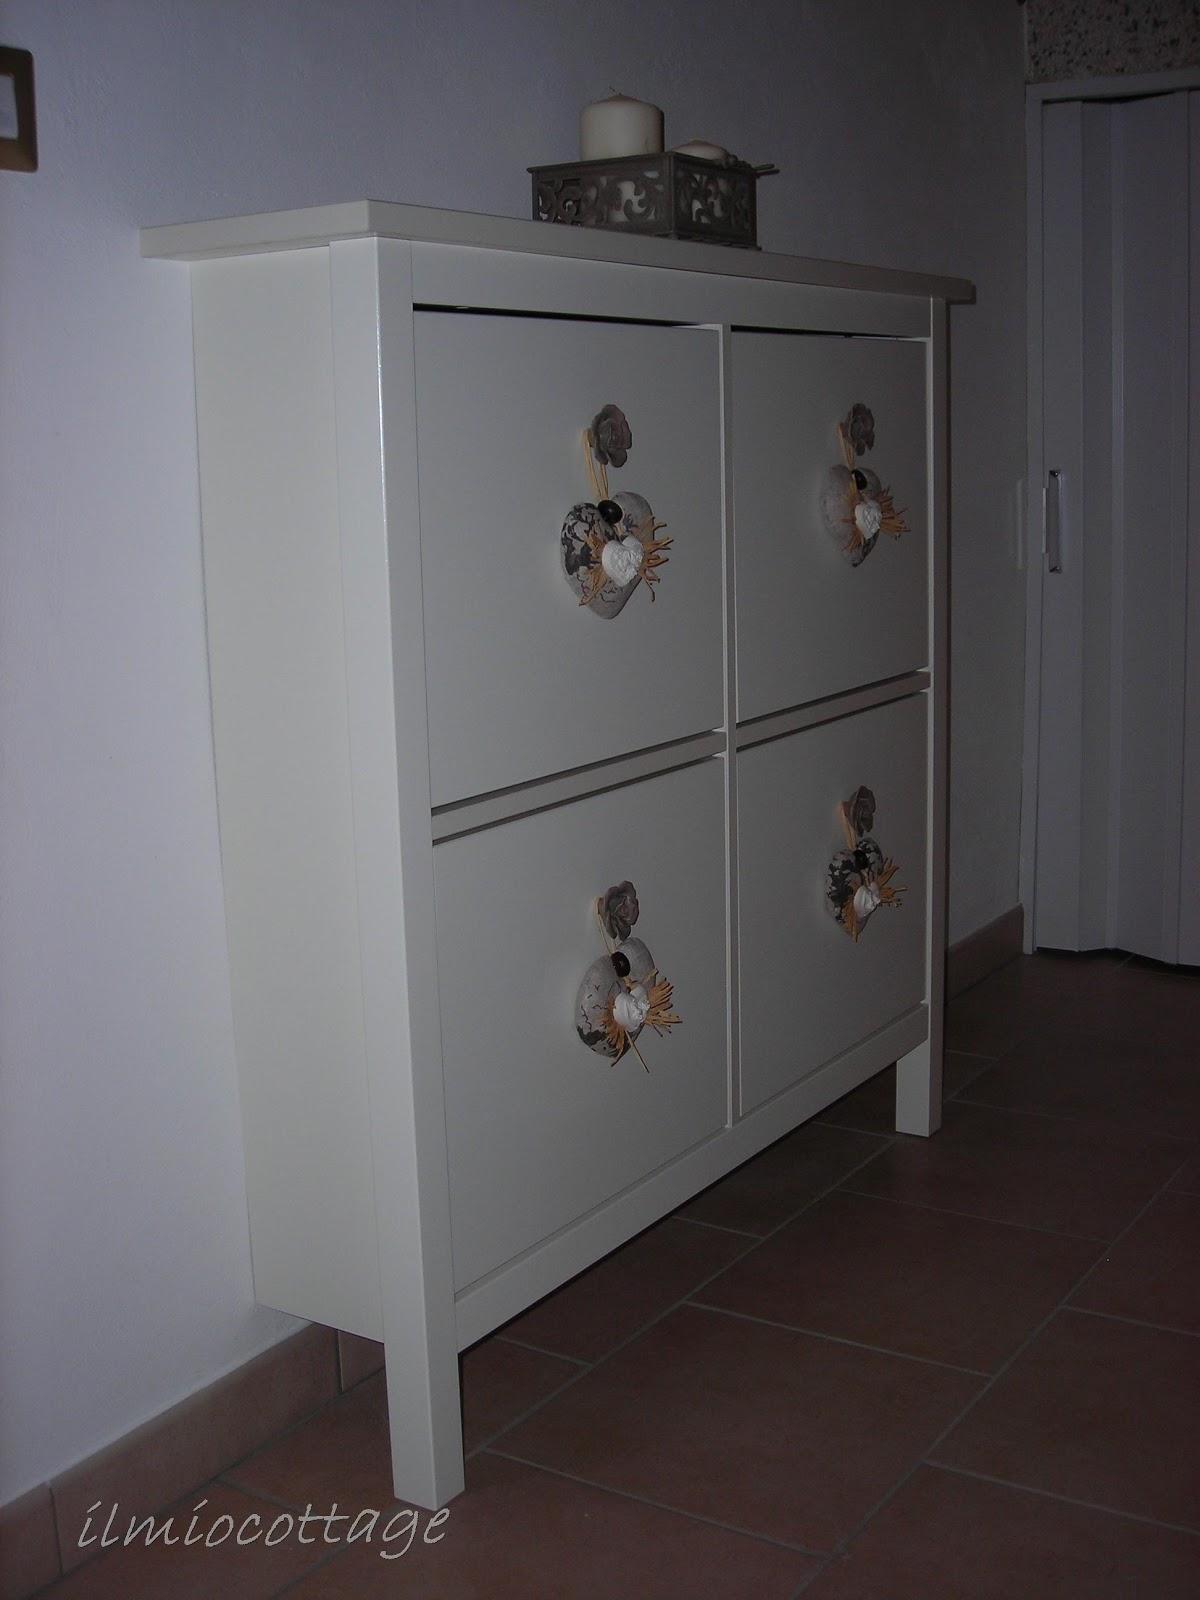 Spesso Vado Da Zara Home Se Ne Trovano Di Carinissimi A Prezzi  #594E49 1200 1600 Ikea Panca Con Pannello